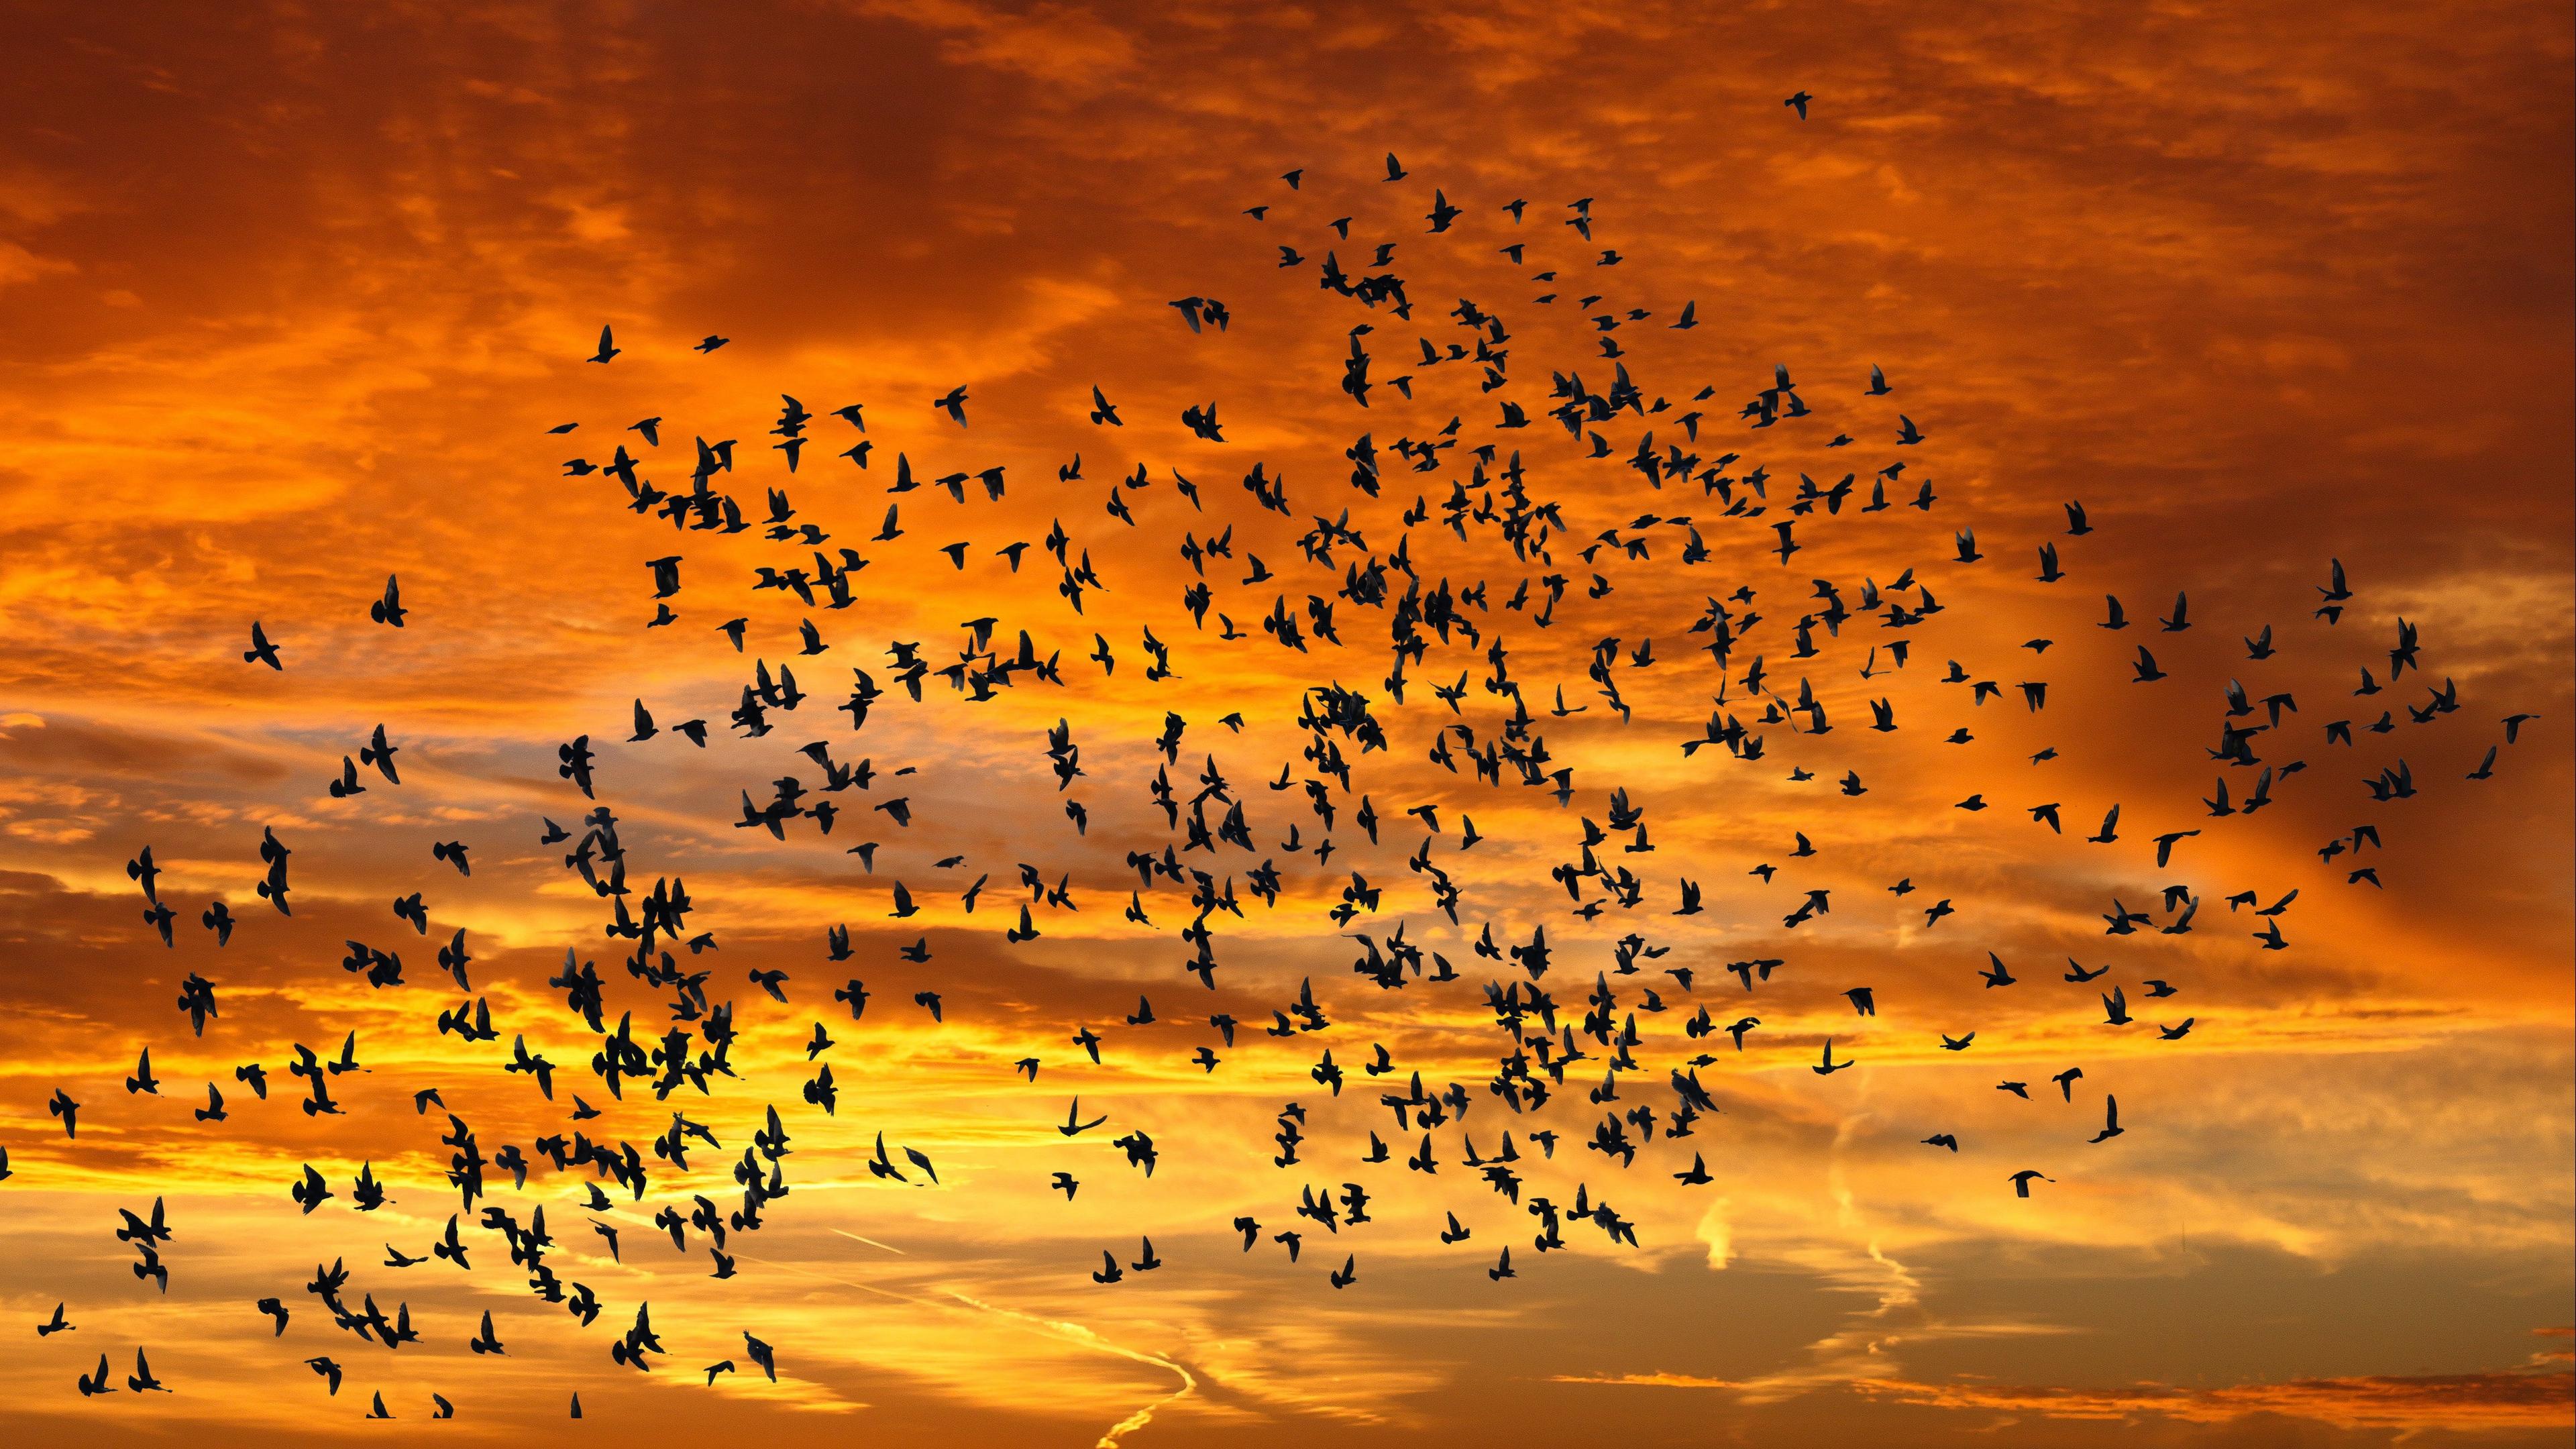 Flying Sunset Flock Of Birds 3840x2160